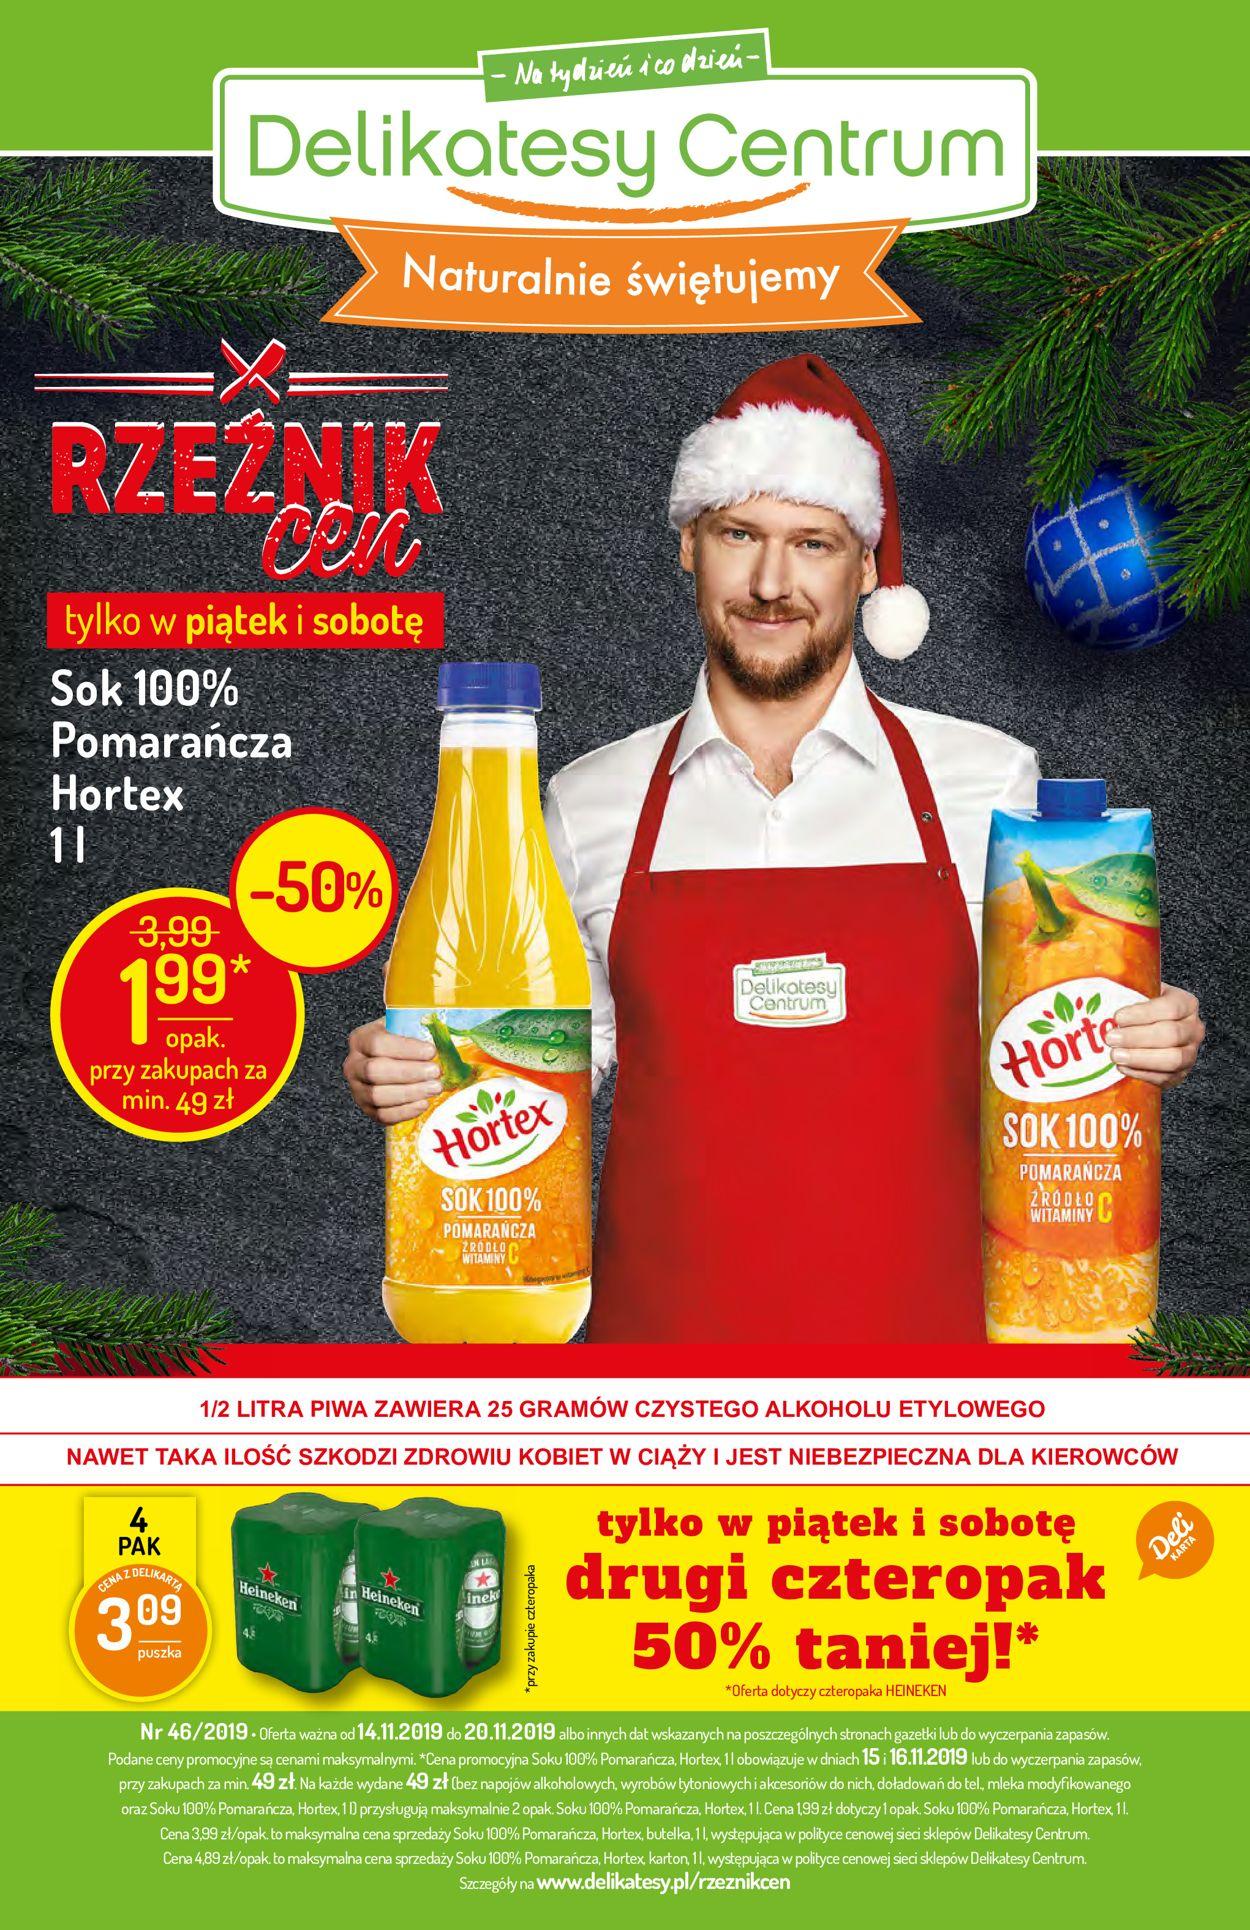 Gazetka promocyjna Delikatesy Centrum - 14.11-20.11.2019